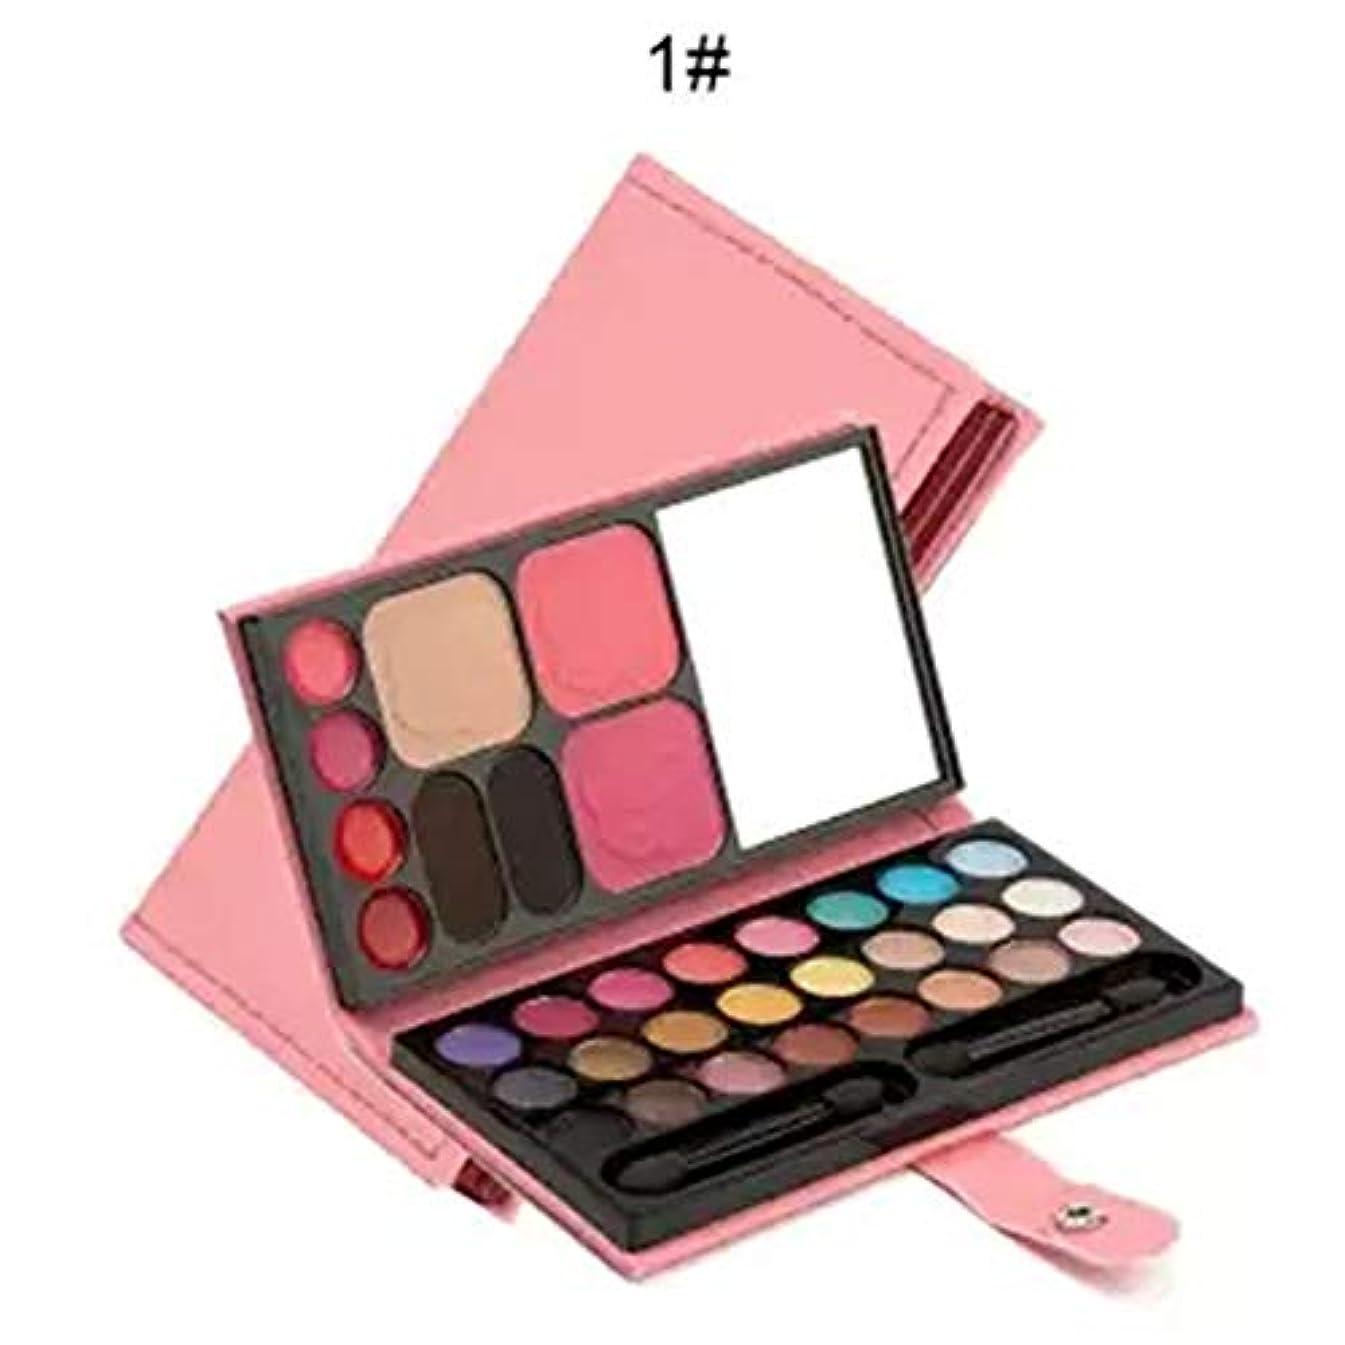 ACHICOO 化粧品セット 33色 アイシャドウ パウダー フィスメーク 口紅 化粧 道具 初心者 セット 韓国 ペリペラ 可愛い ピンク 高校生 女の子 ピンク